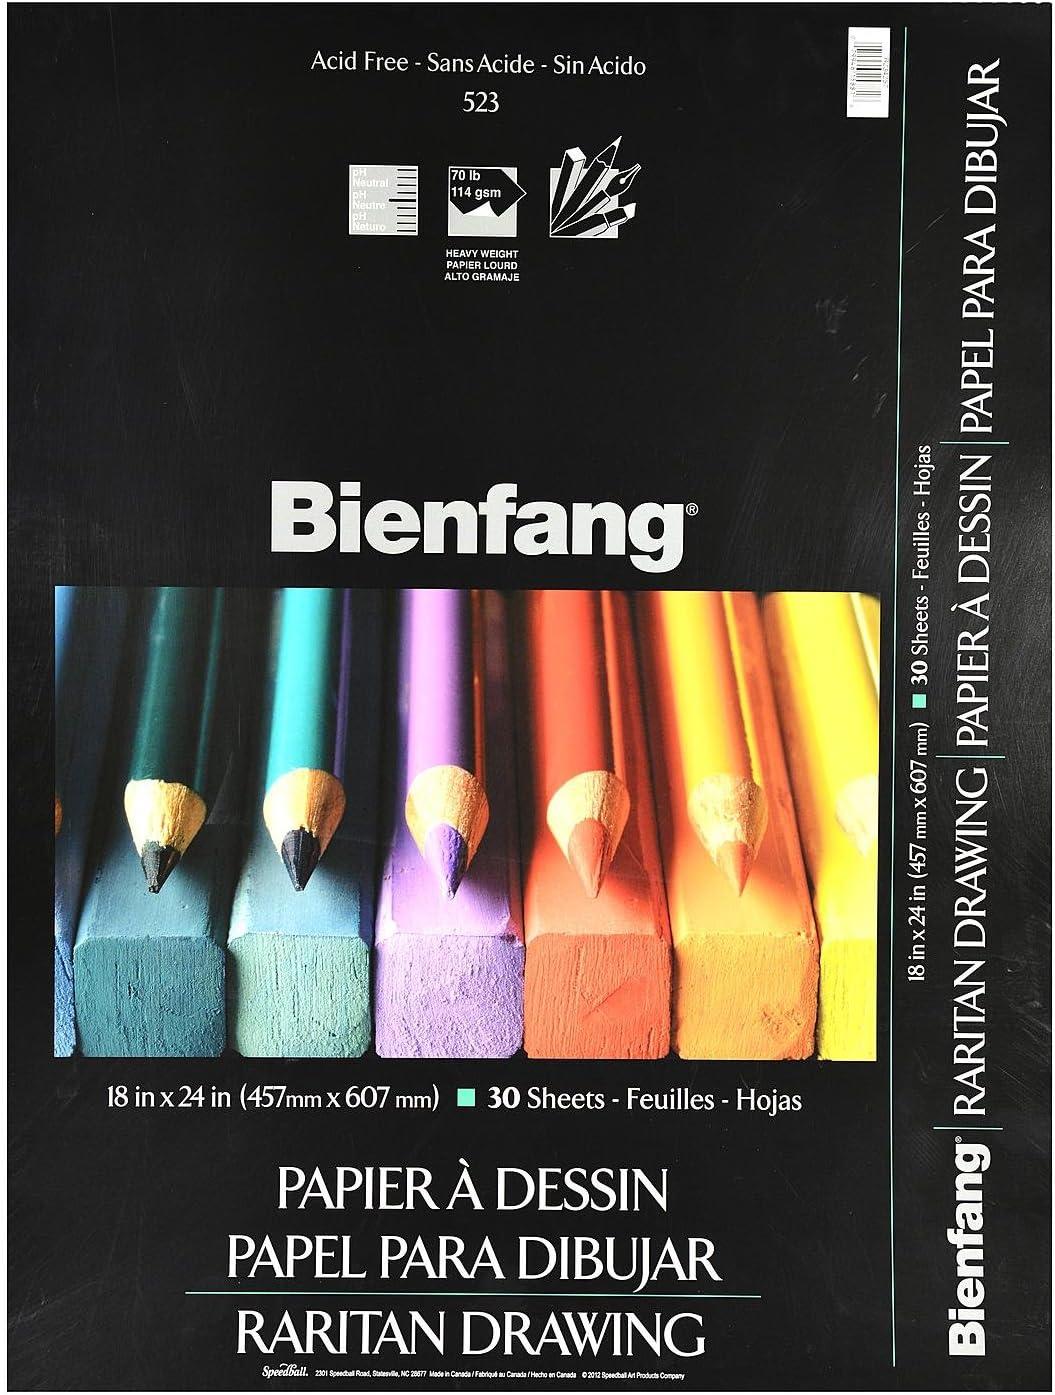 Bienfang 710 Canvasette Paper Canvas Pad---NEW